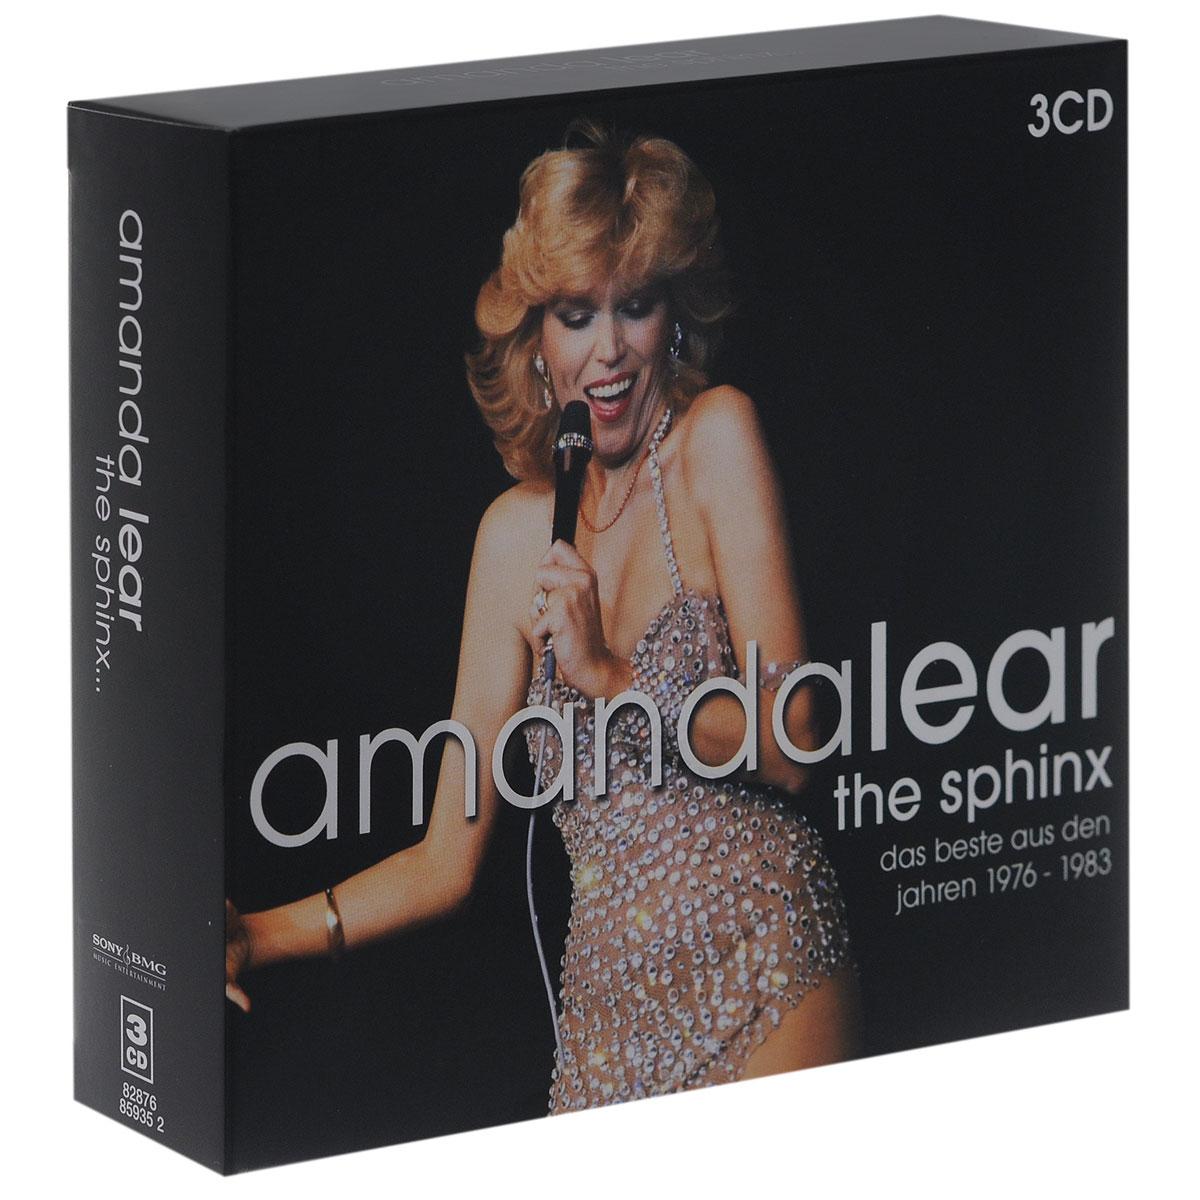 Аманда Лир Amanda Lear. The Sphinx... (3 CD) cd диск amanda lear the best of 3 cd